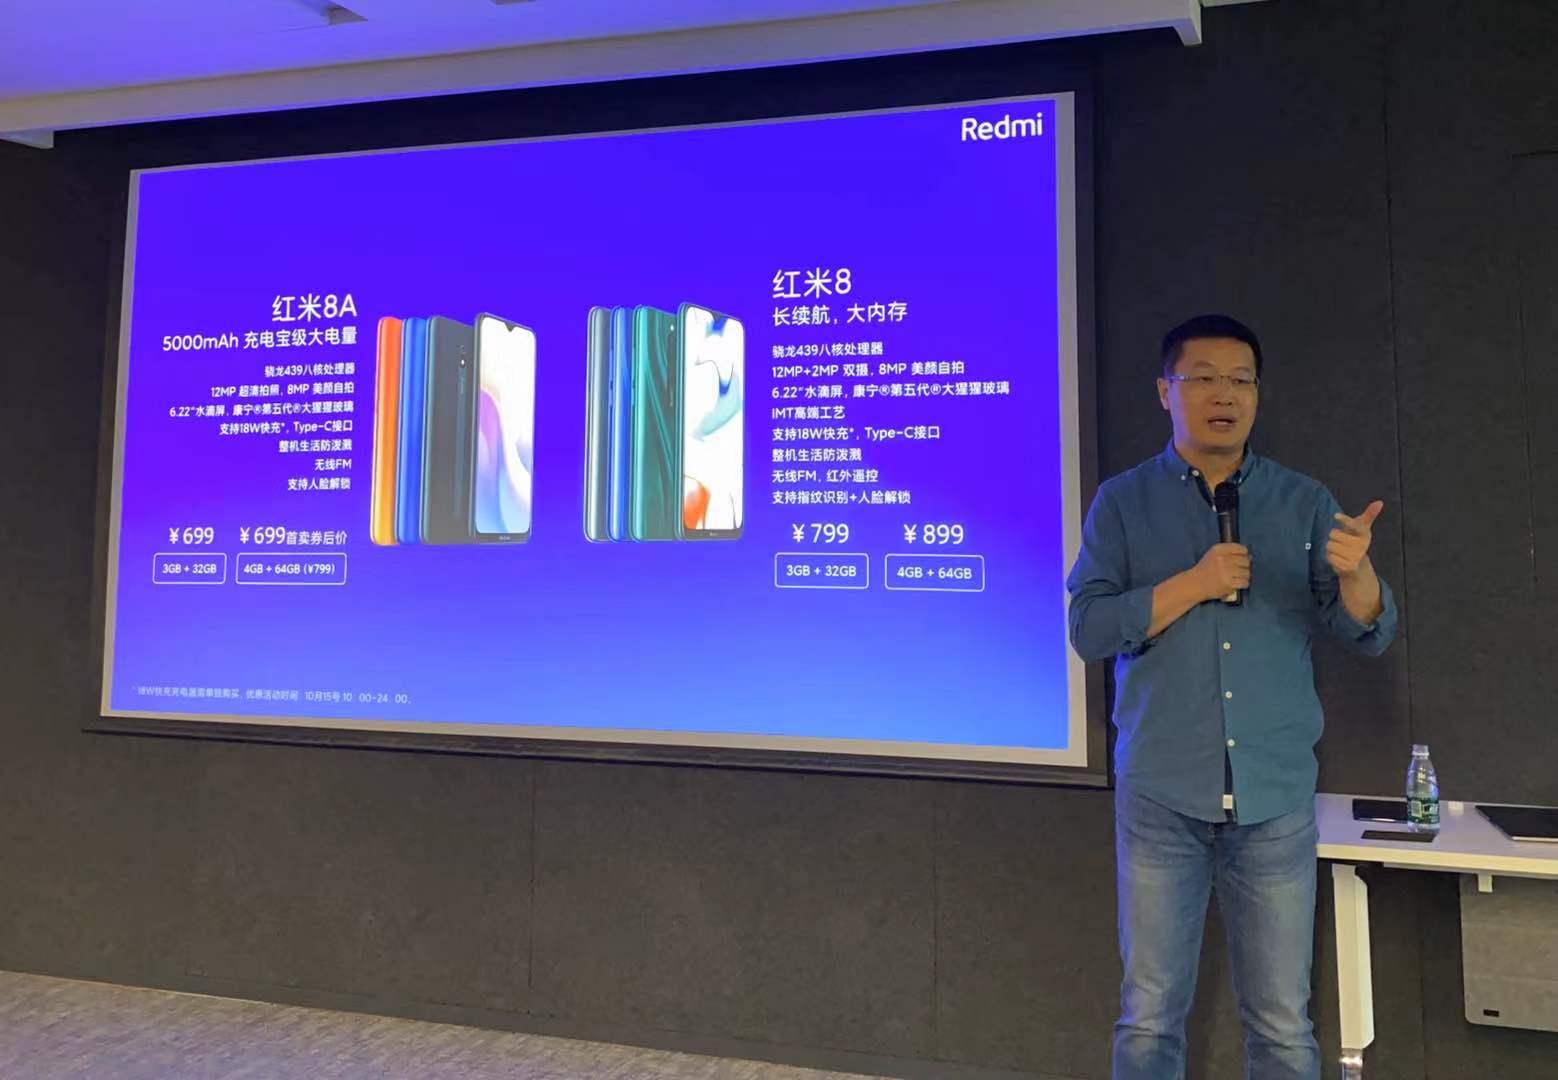 Redmi今日发布两款千元机 卢伟冰:首款5G手机K30不追求价格最低